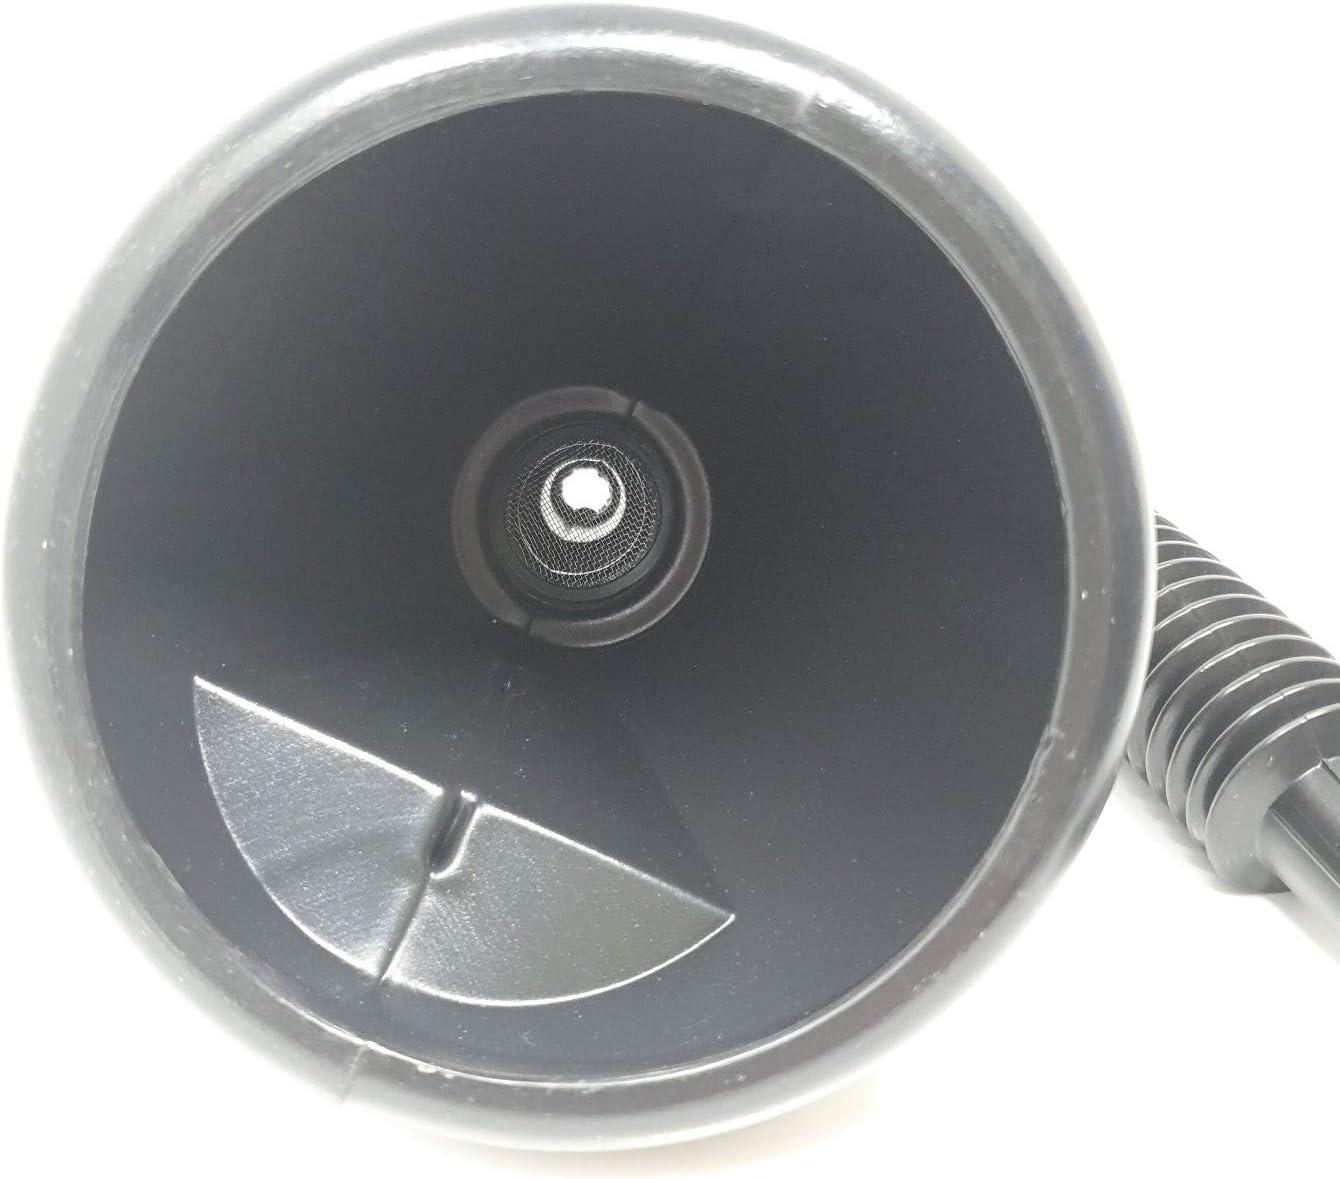 Zwei Teiliger Trichter Gerade Mit Flexiblem Ausguss Trichter mit Filter /Öl Trichter /Öltrichter Kunststoff Kraftstoff Benzin Diesel Wasser Brennstoffen